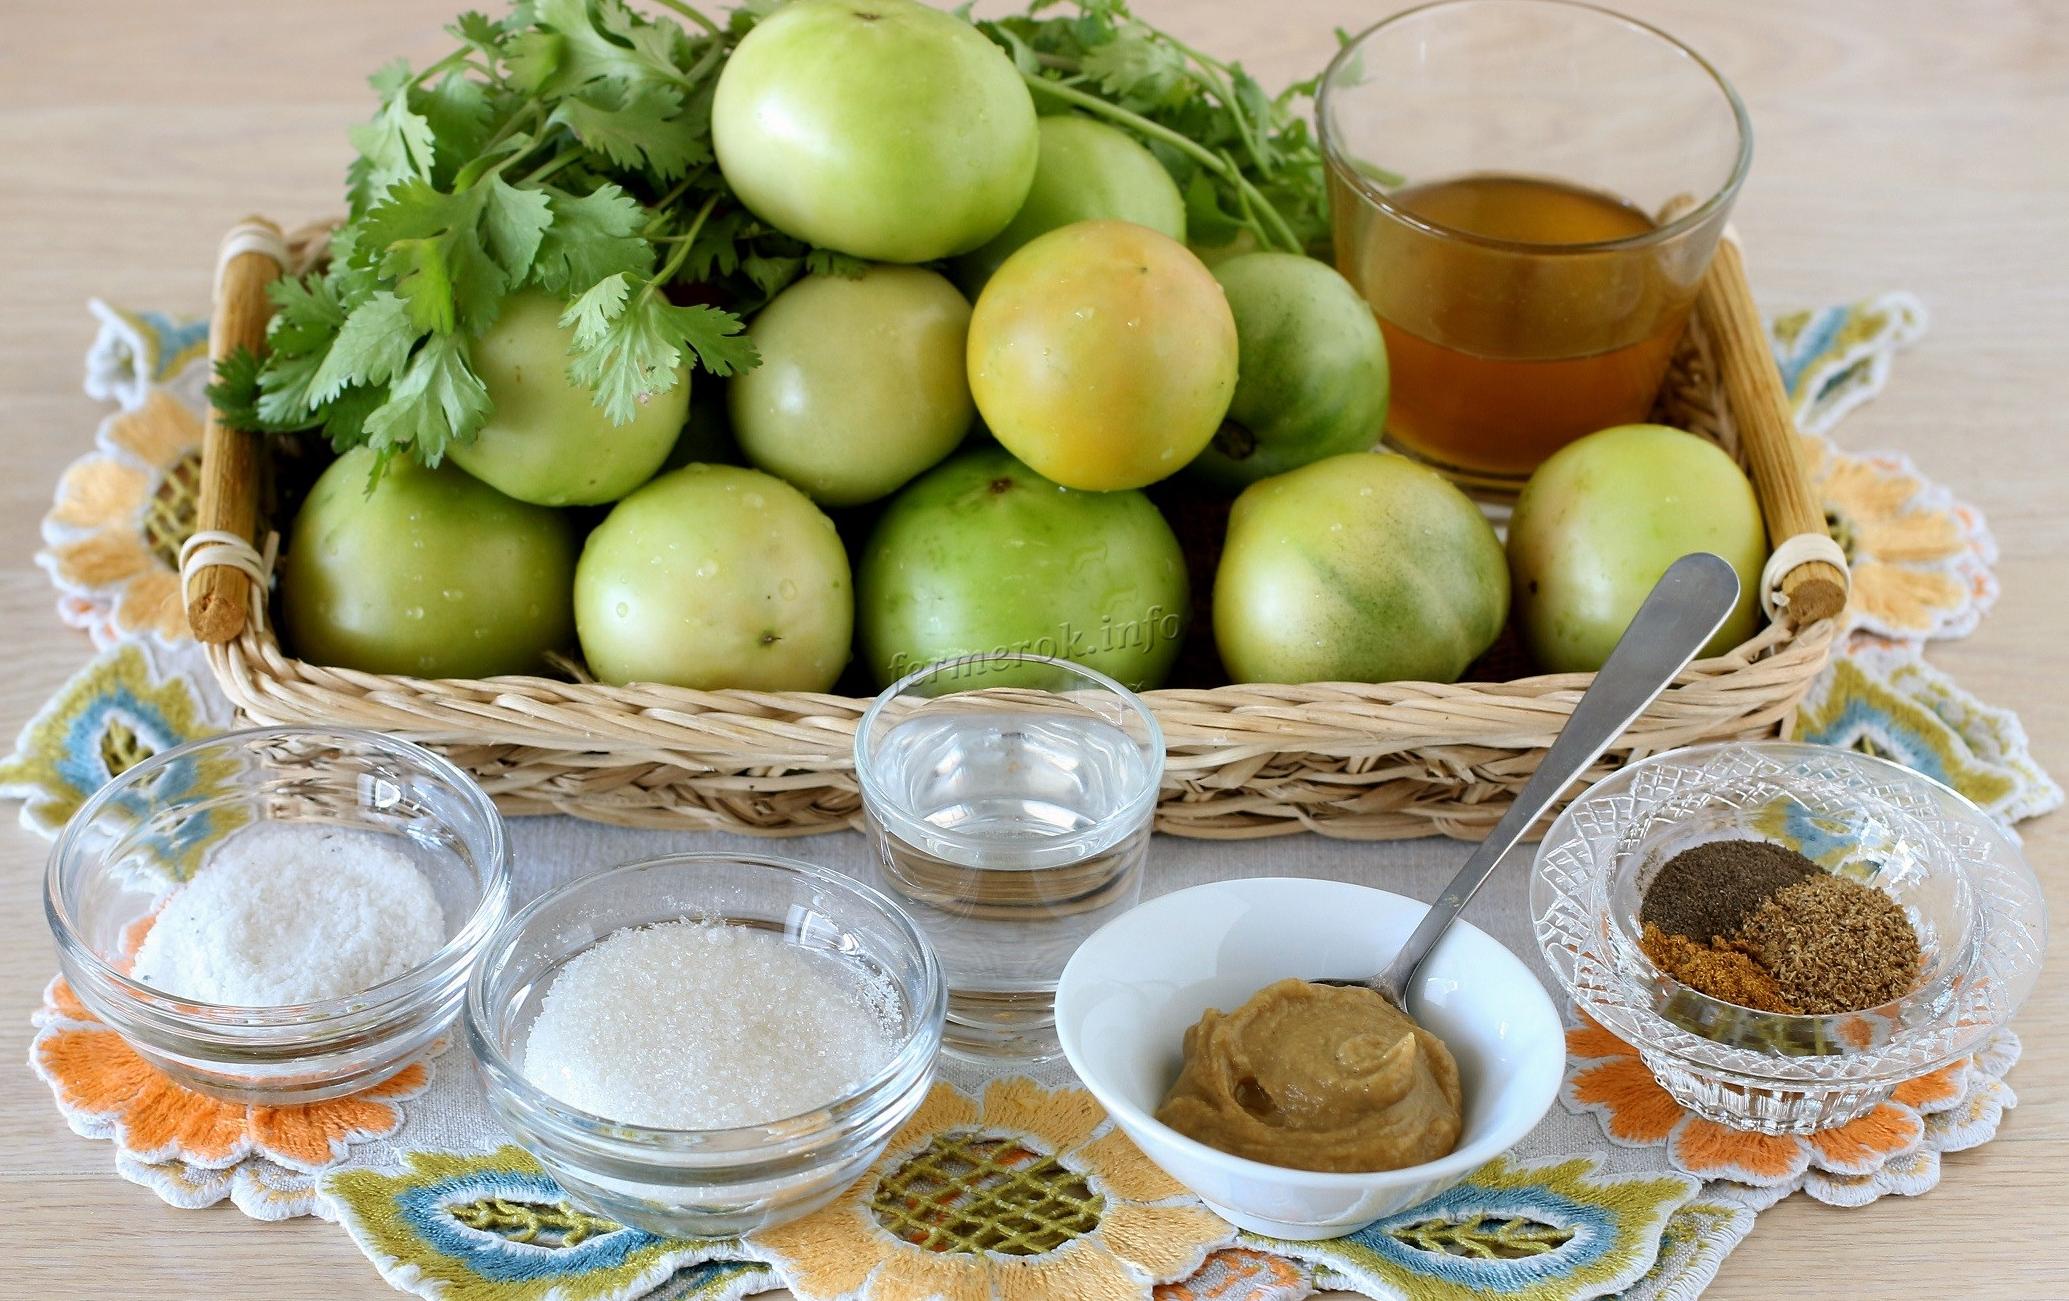 Ингредиенты для мариновки зеленных помидоров